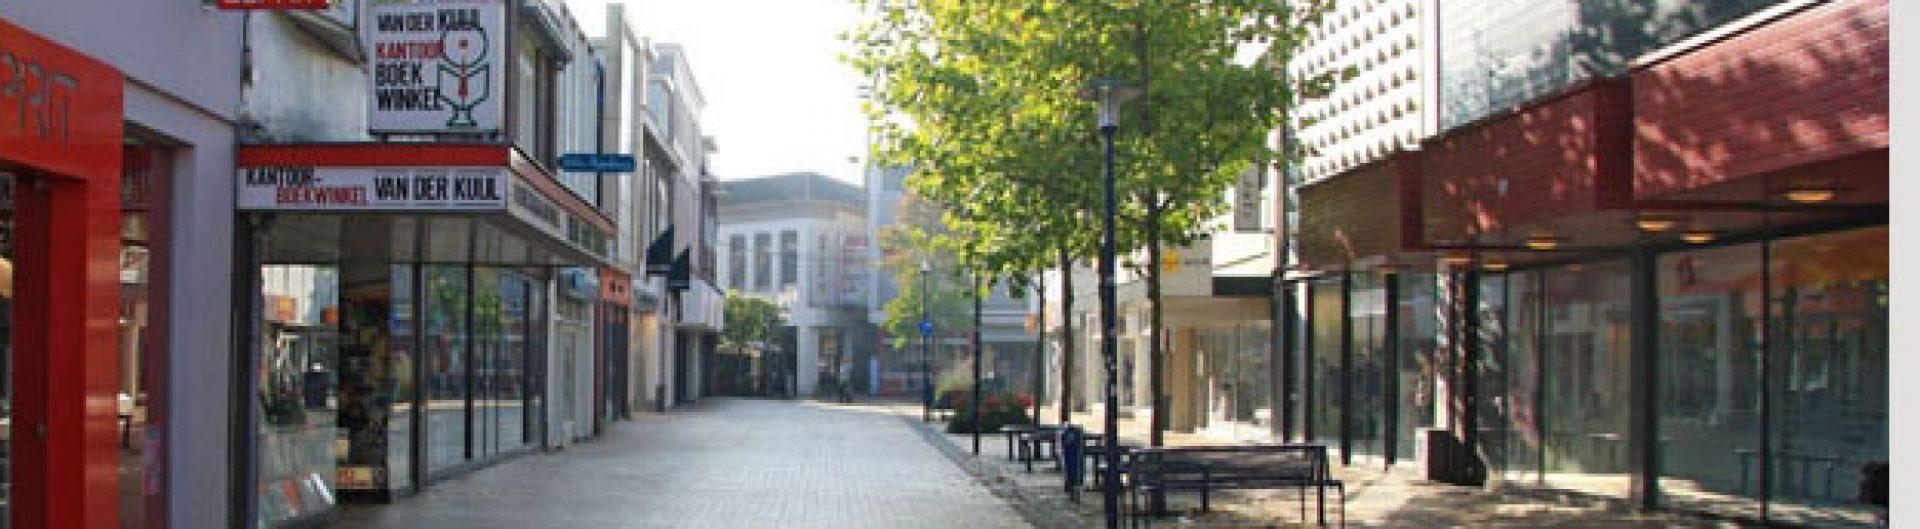 KantoorBoekhandel Van der Kuijl